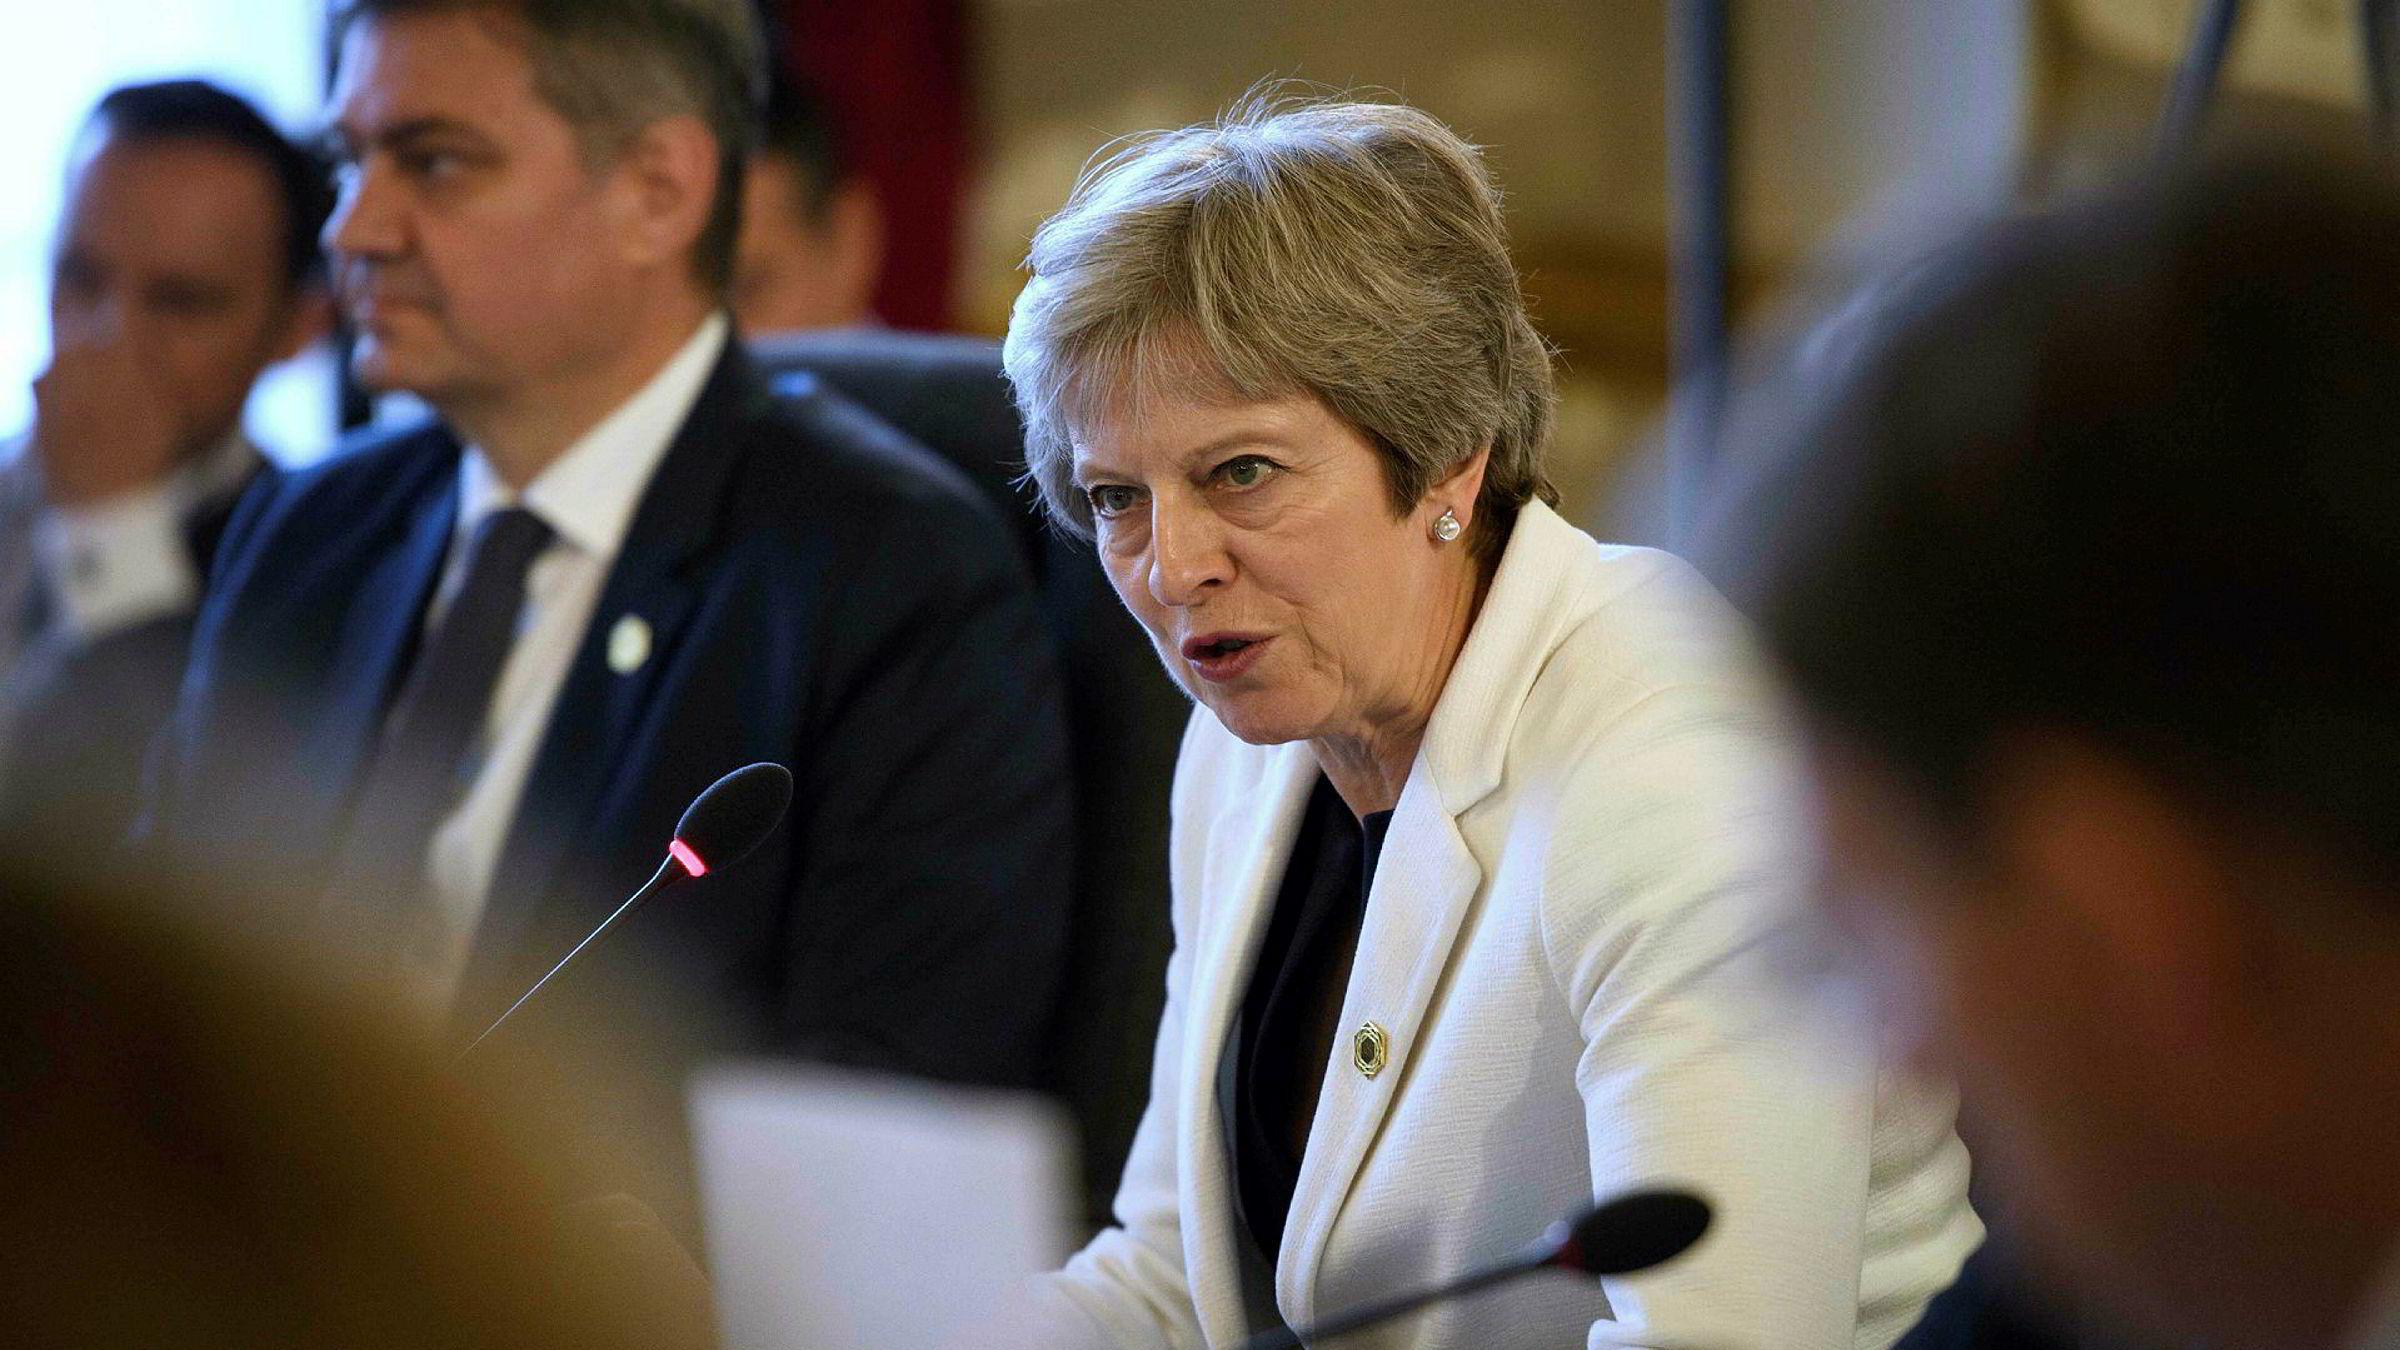 Storbritannias statsminister Theresa May har fått enda større problemer hun må håndtere.